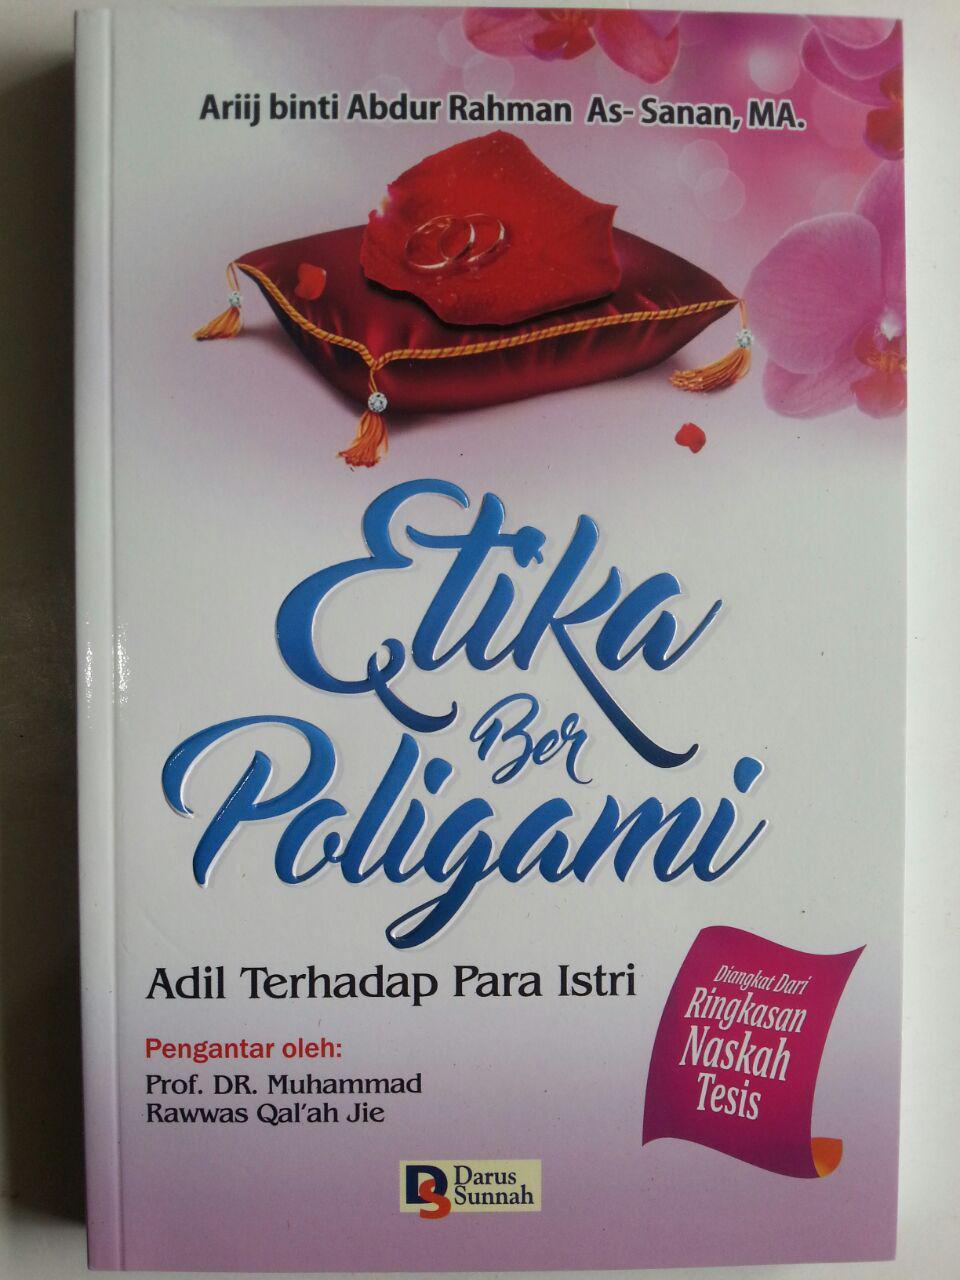 Buku Etika Berpoligami Adil Terhadap Para Istri cover 2